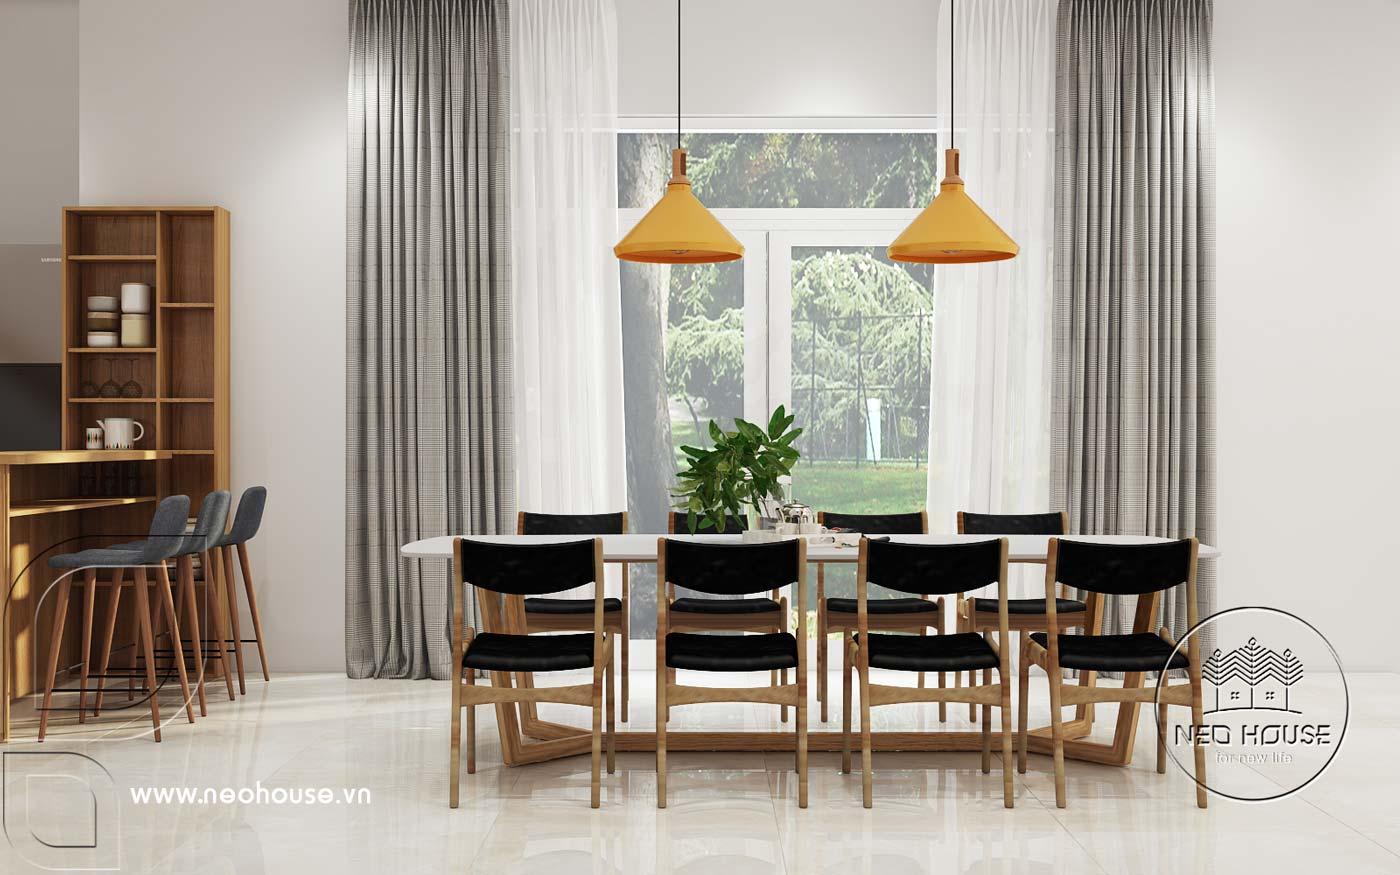 Mẫu thiết kế nội thất biệt thự hiện đại 1 trệt 1 lửng. Ảnh 3